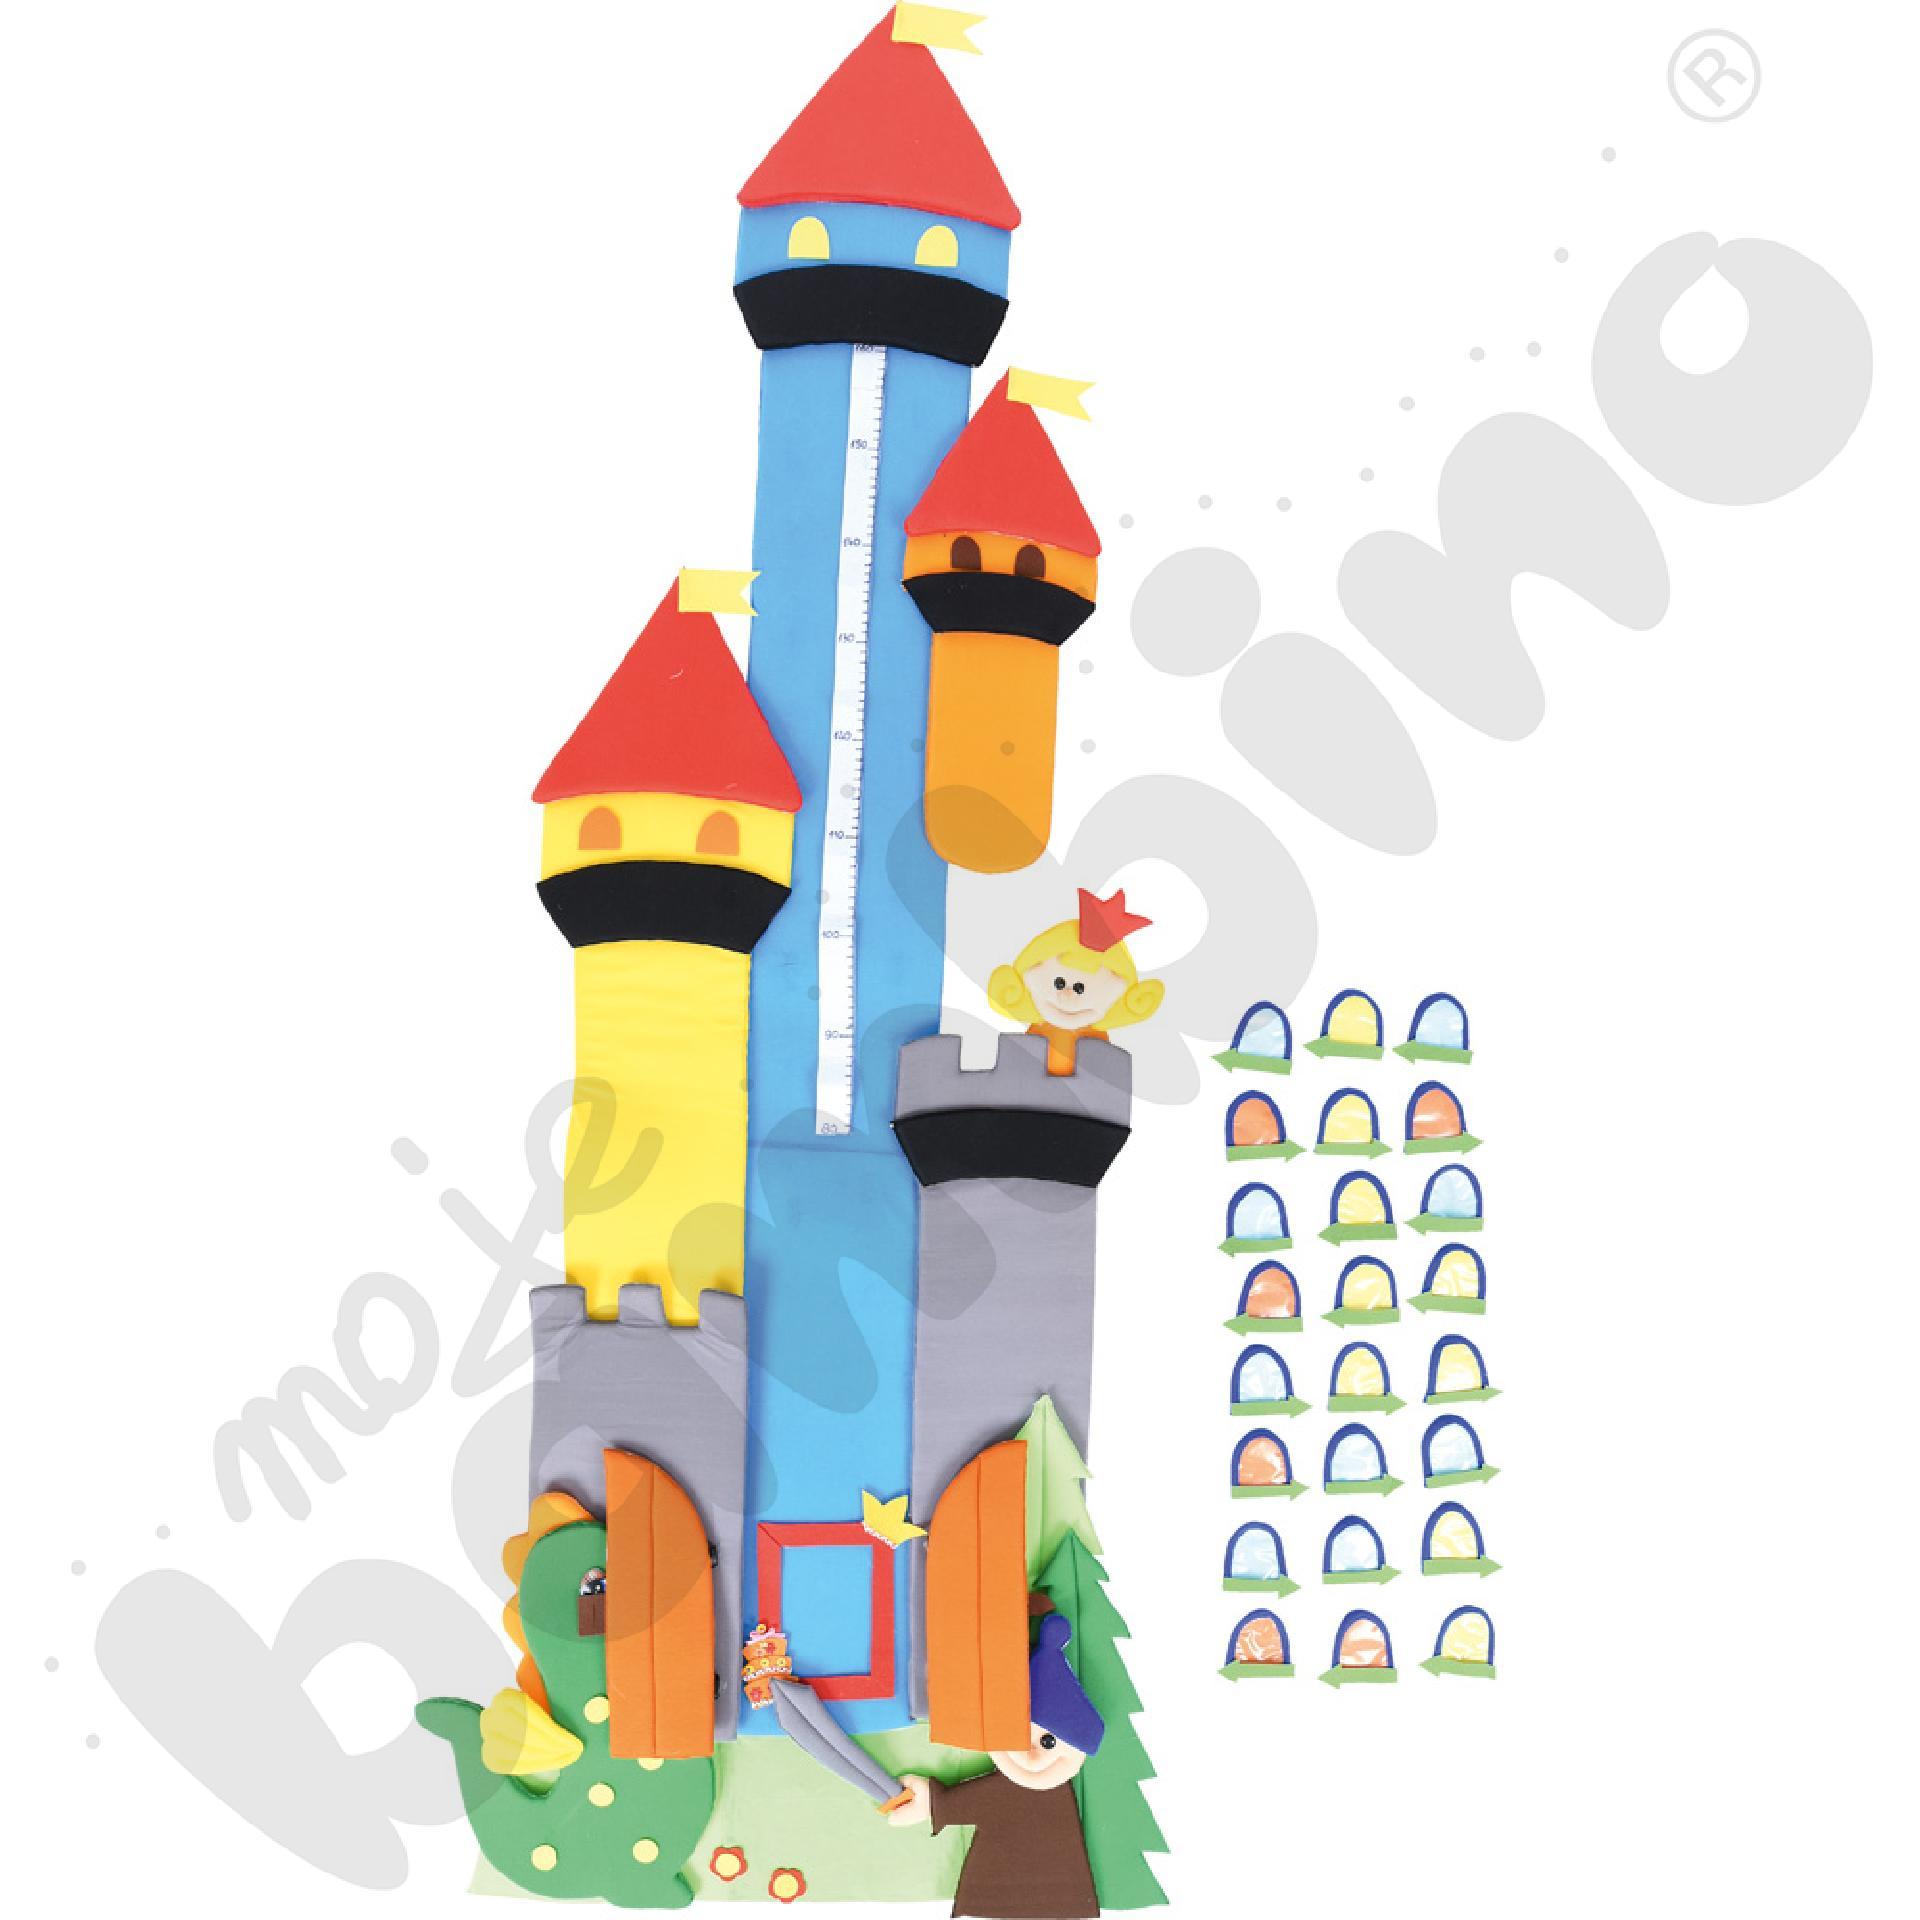 Makatka Pałac z miarką wzrostu